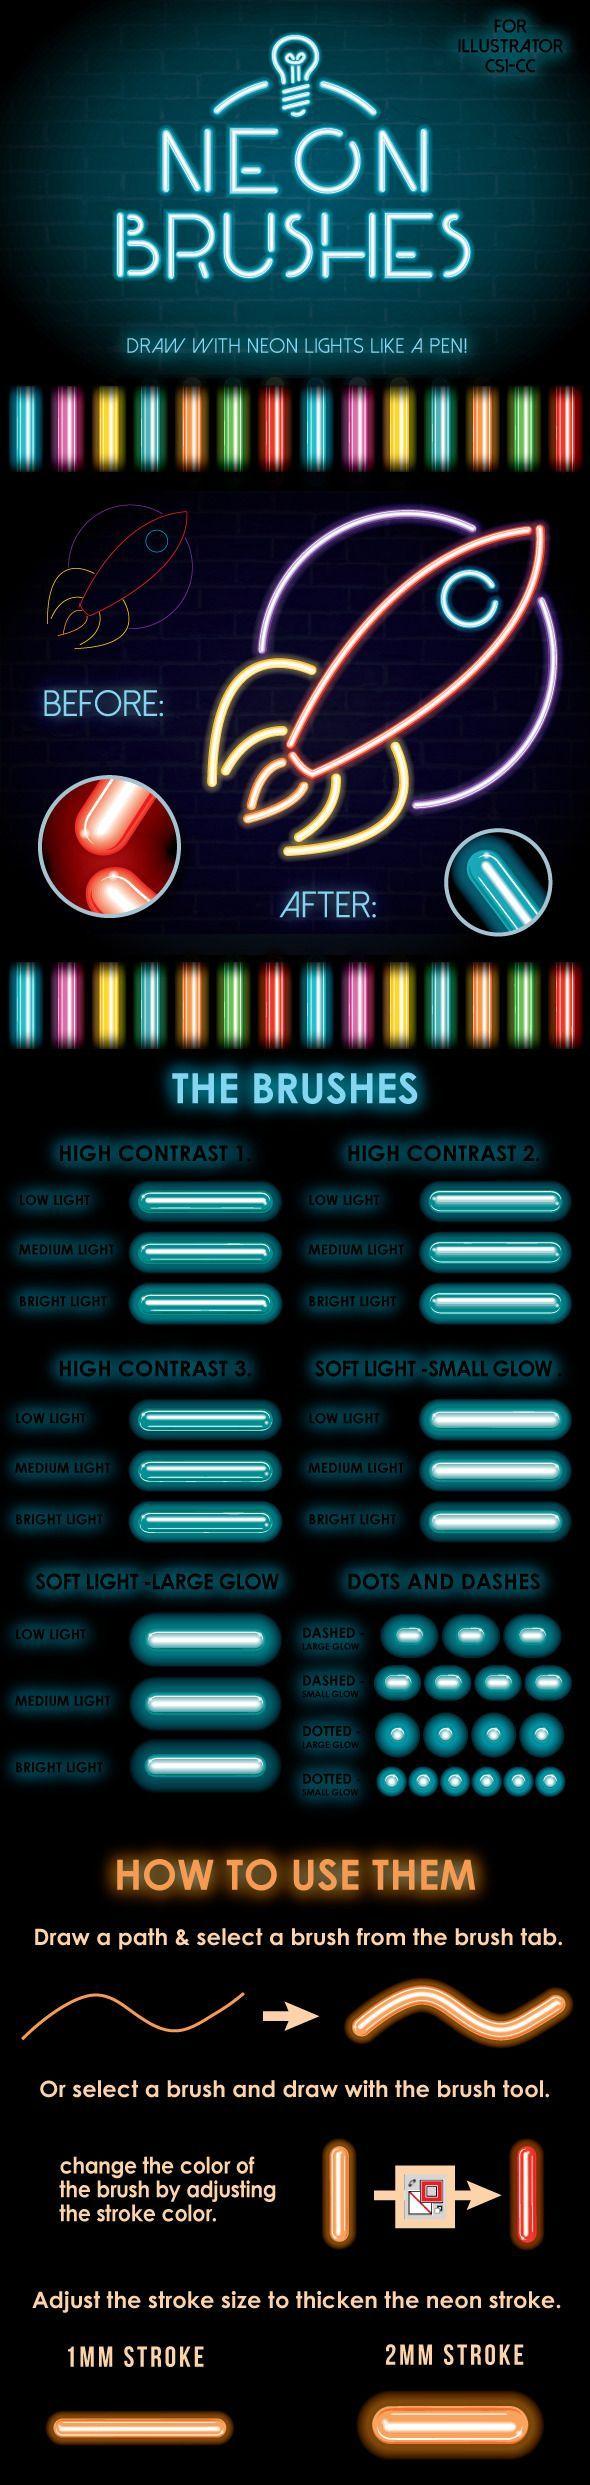 Neon Brushes For Adobe Illustrator #design #ai Download: http://graphicriver.net/item/neon-brushes/13195623?ref=ksioks